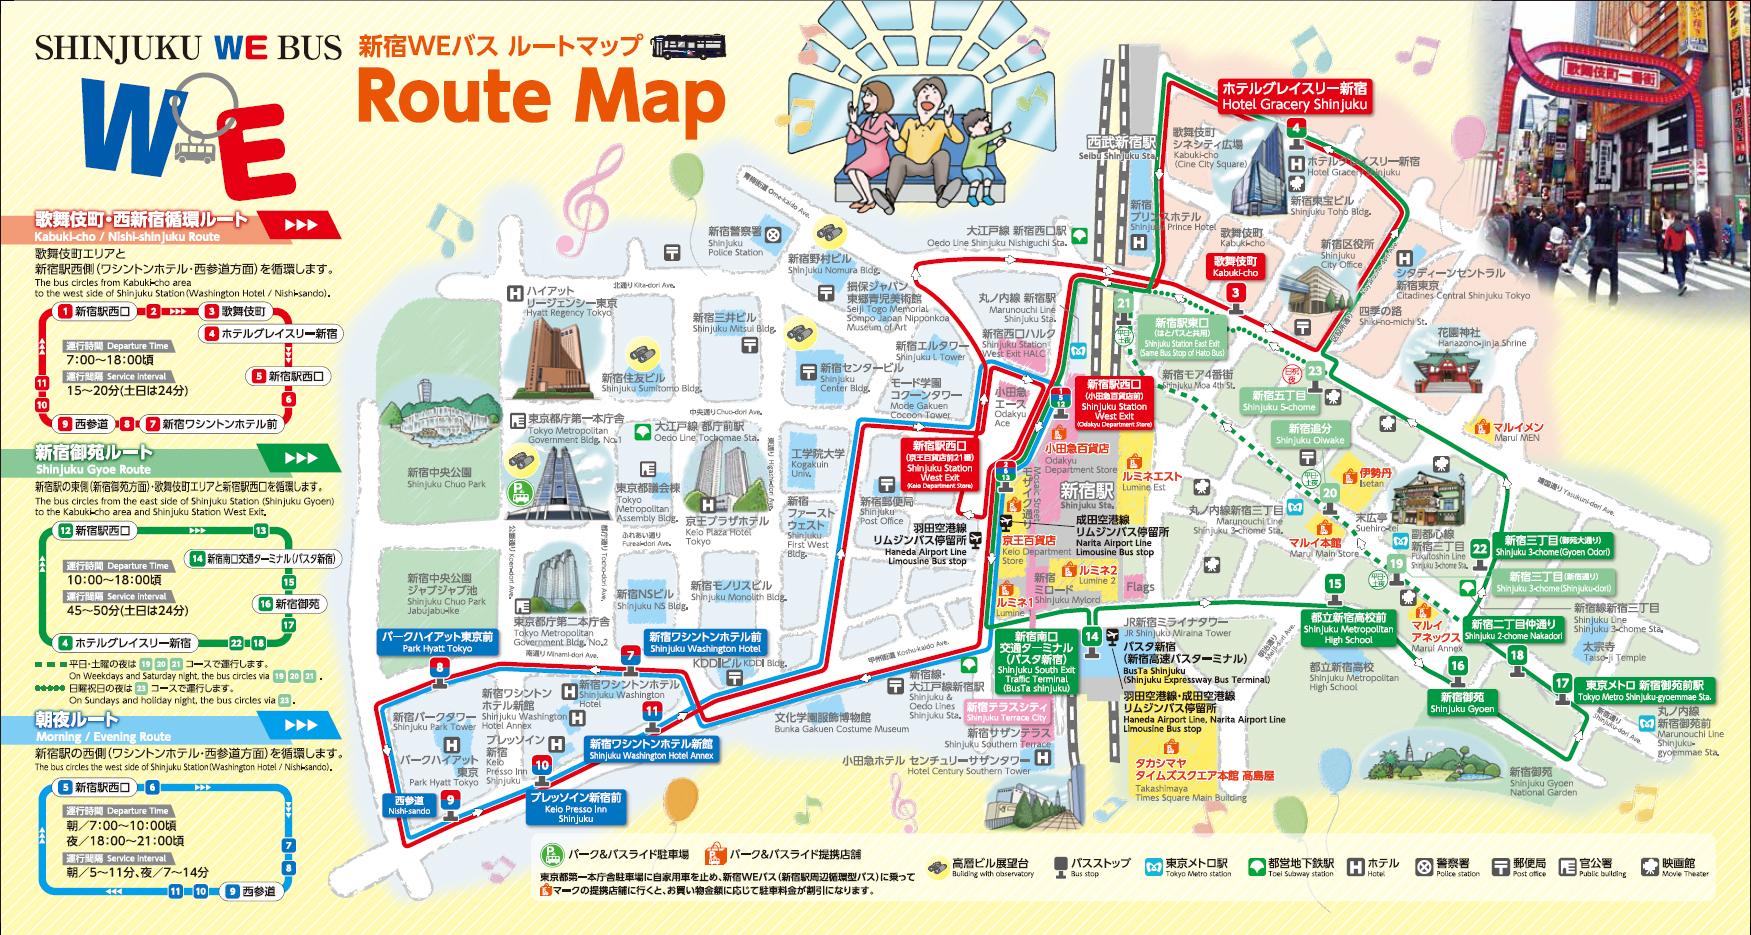 新宿WEバス SHINJUKU WE BUS 京王バス